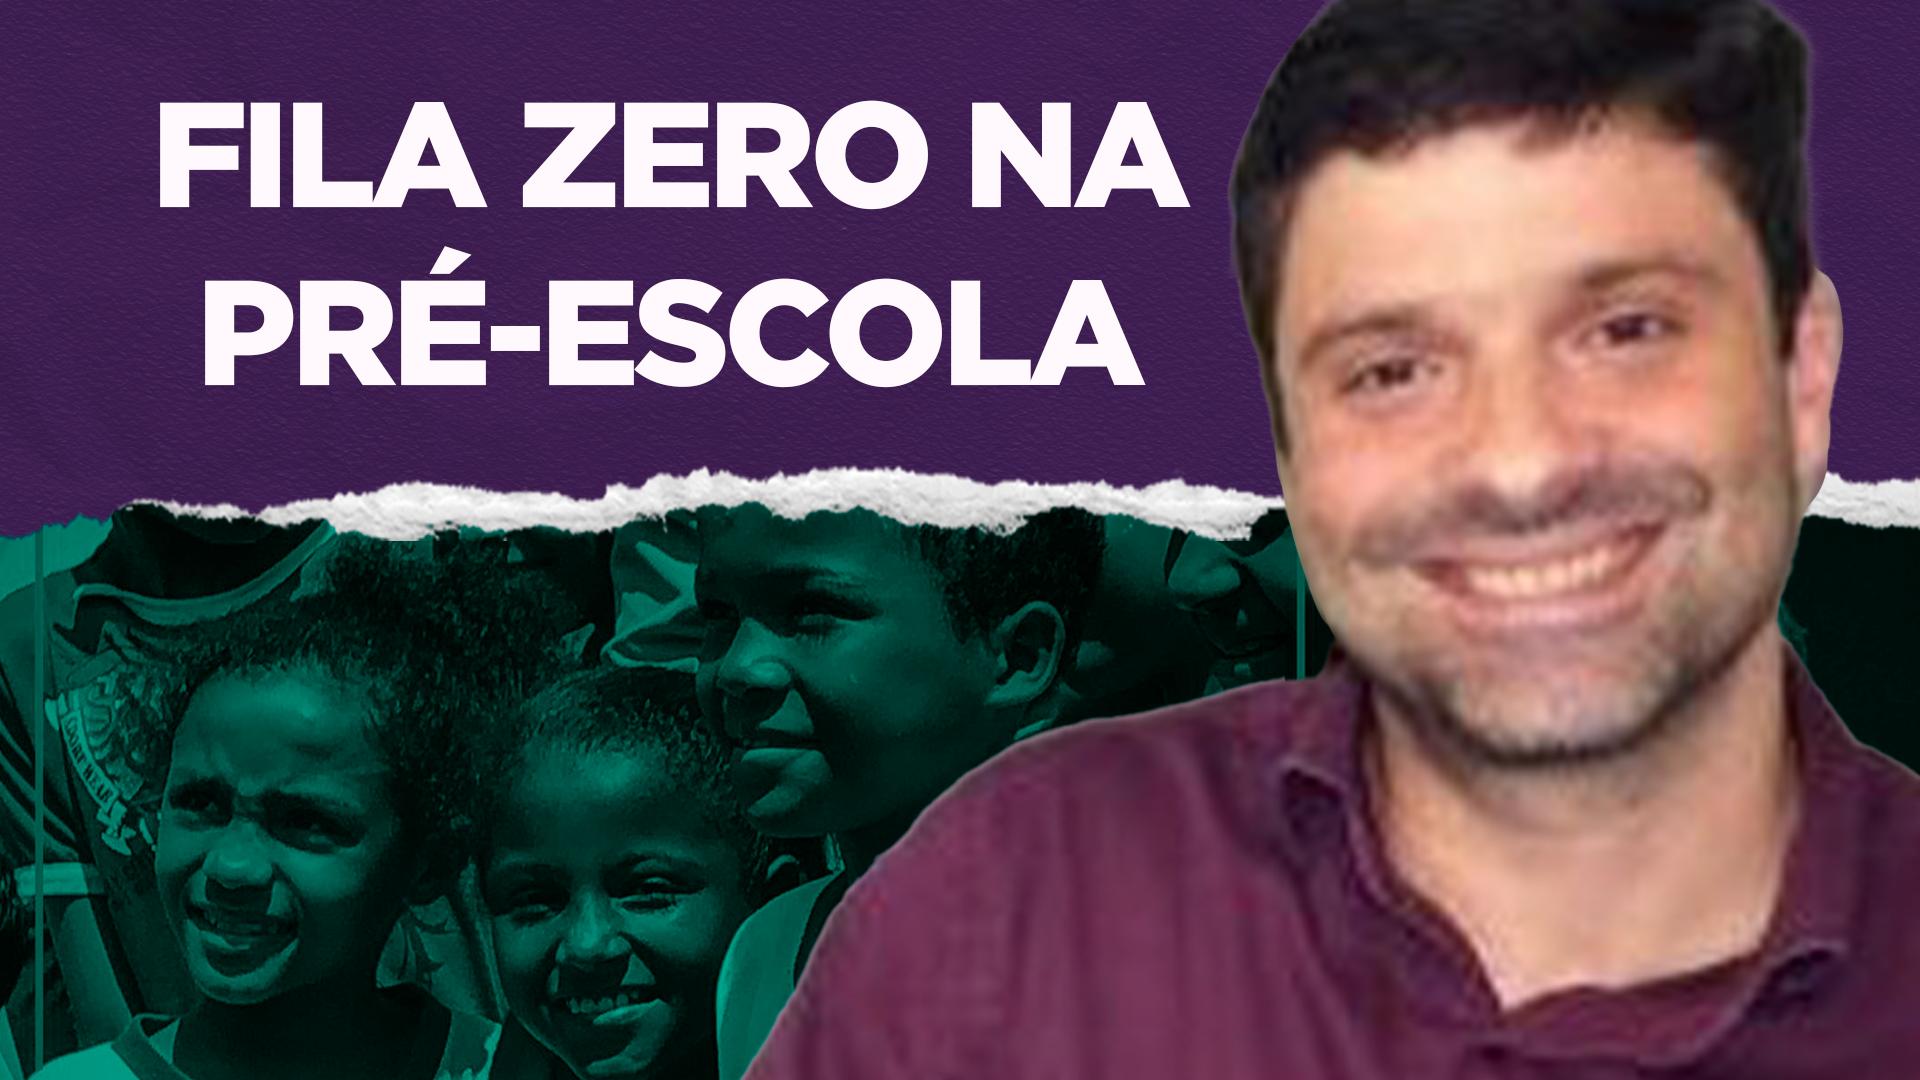 ELE ZEROU A FILA DA PRÉ-ESCOLA EM SALVADOR   LivresCast com Frederico Wegelin